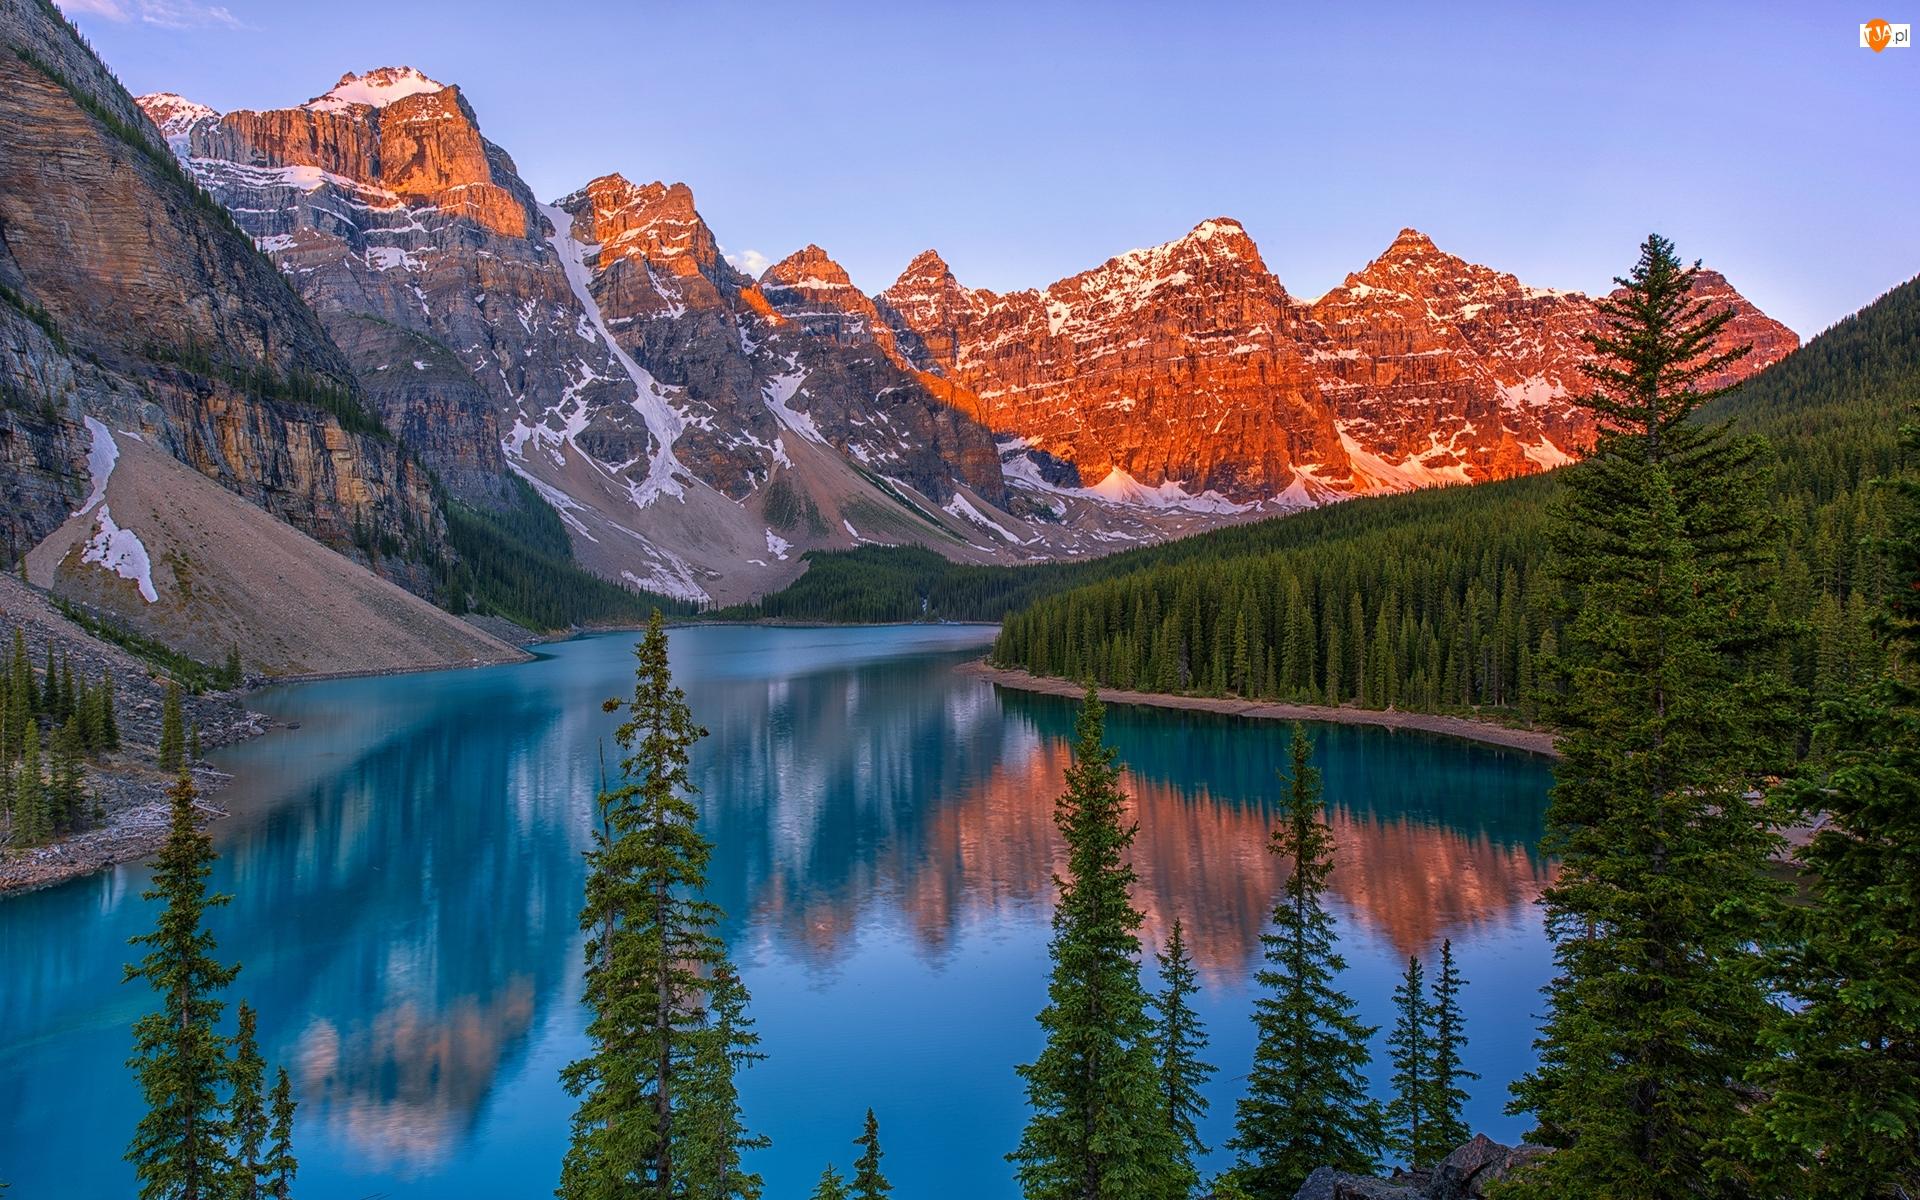 Prowincja Alberta, Kanada, Góry, Drzewa, Park Narodowy Banff, Jezioro Moraine